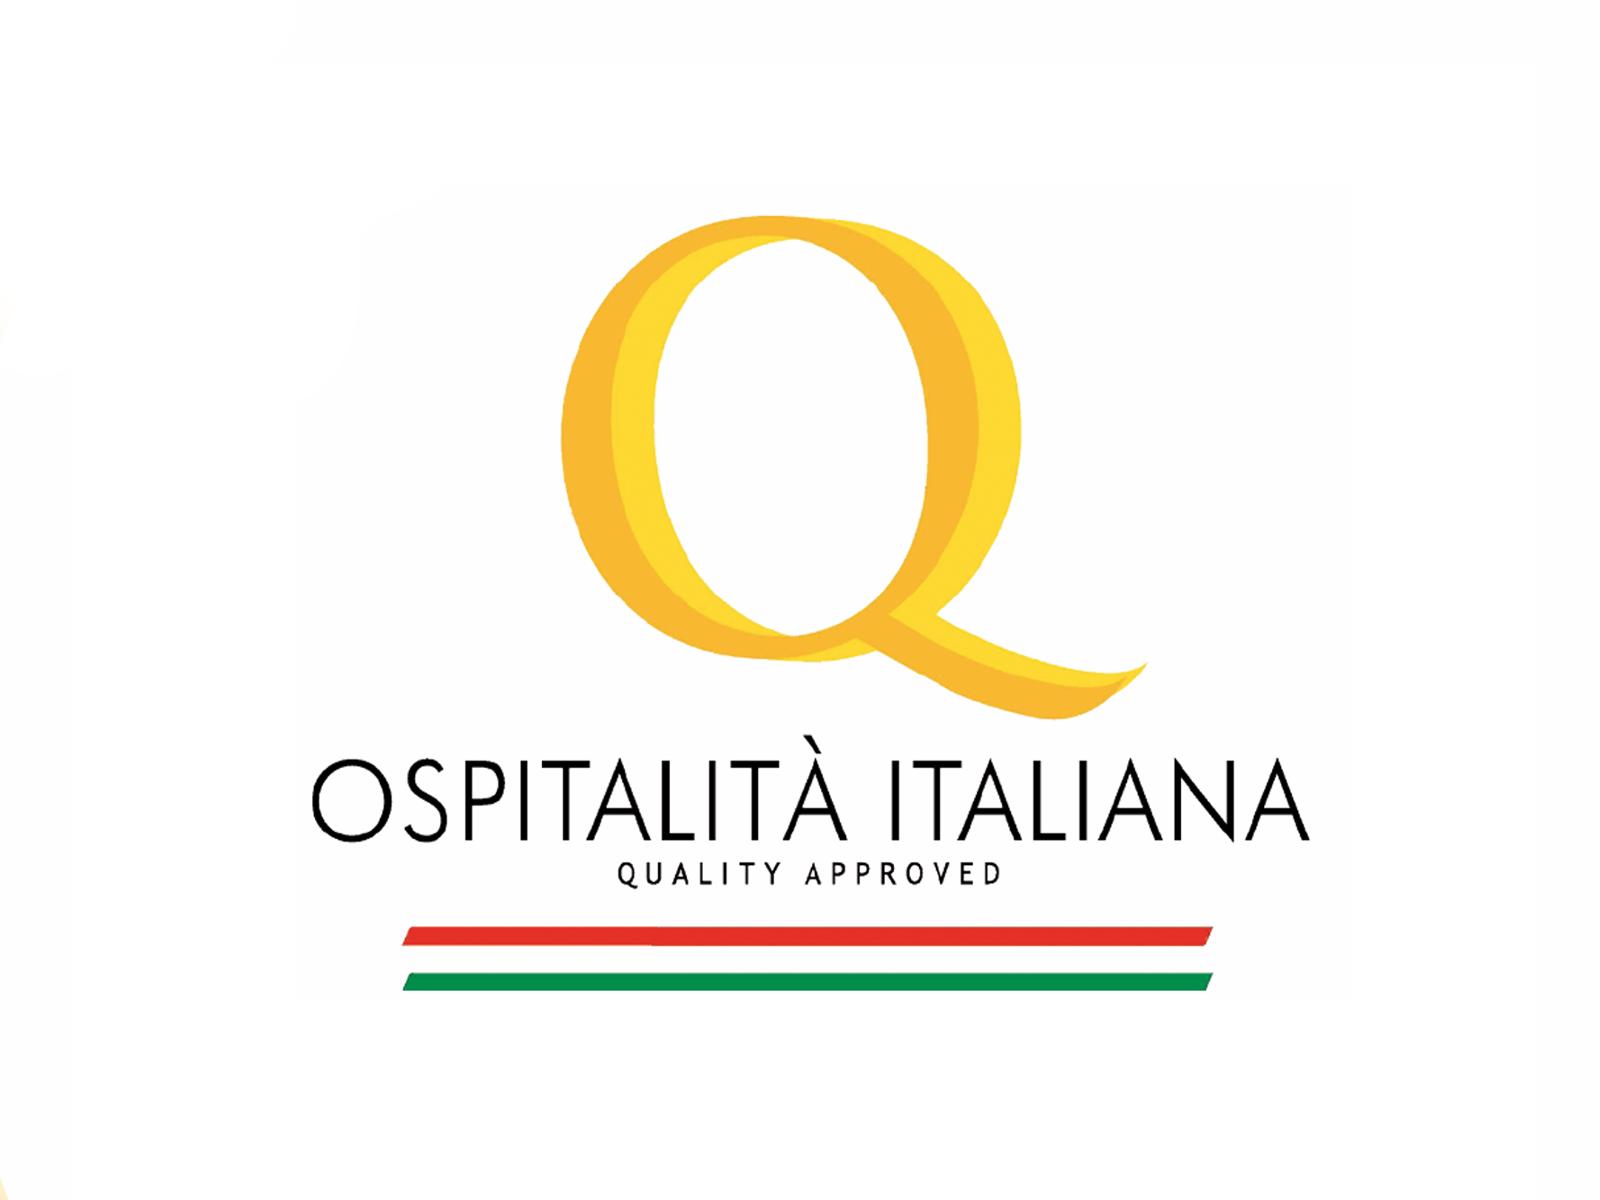 Ospitalità Italiana – Marchio Qualità